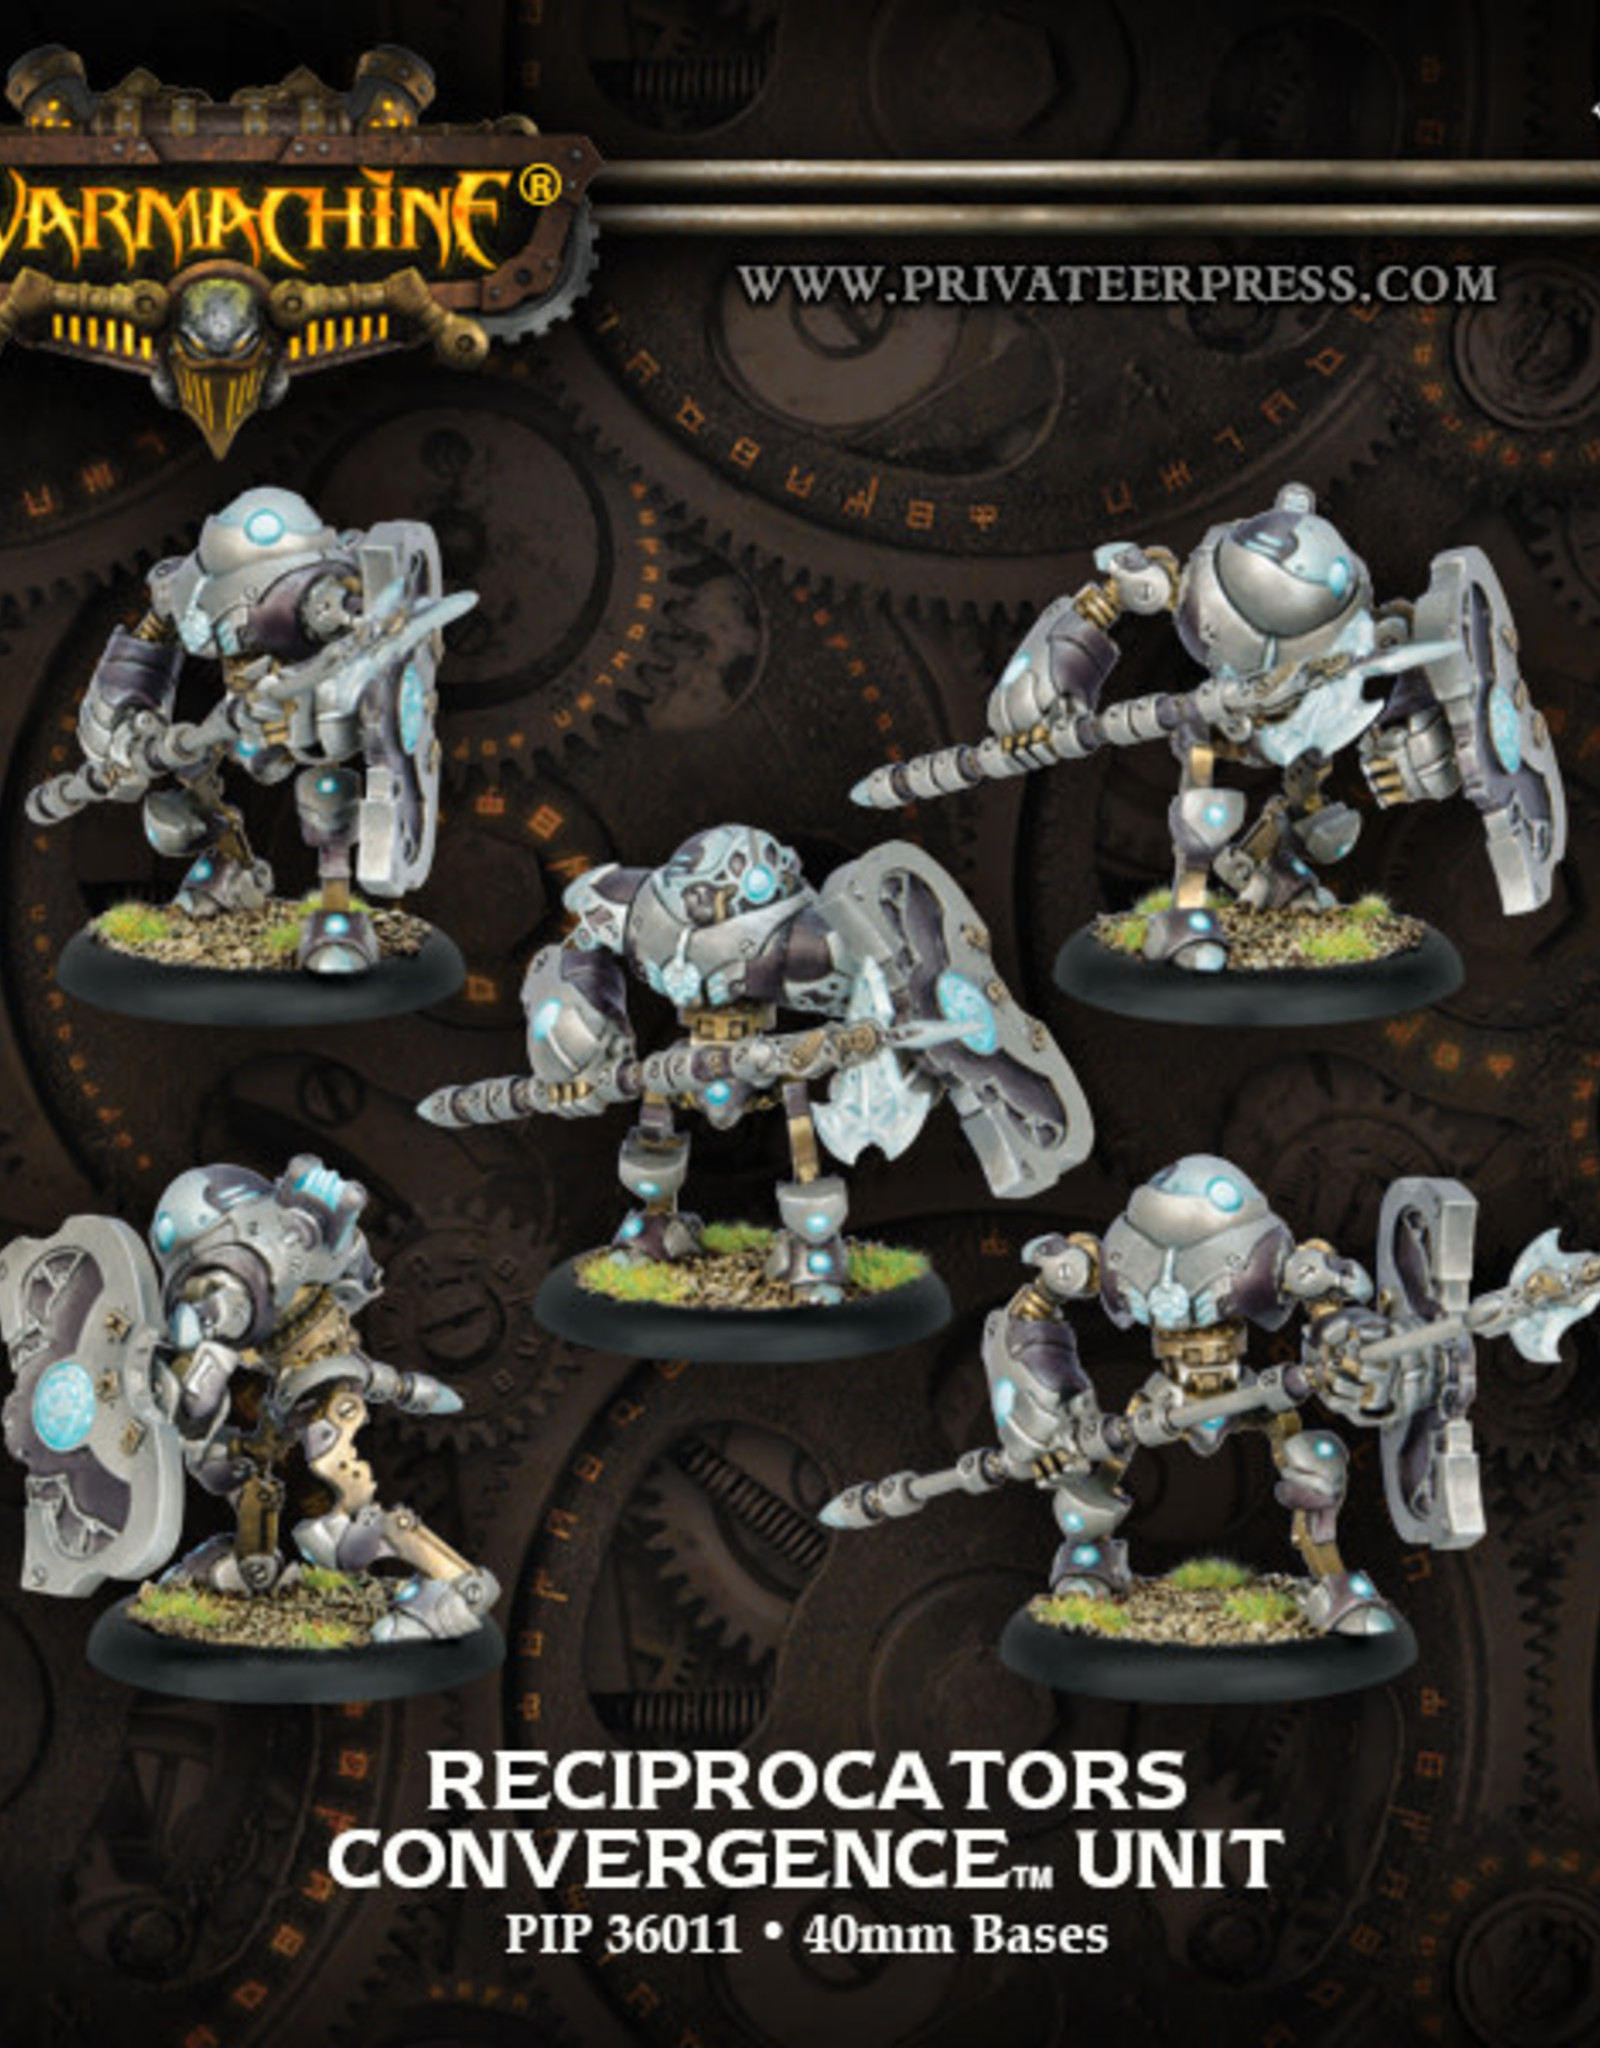 Warmachine Cyriss - Reciprocators